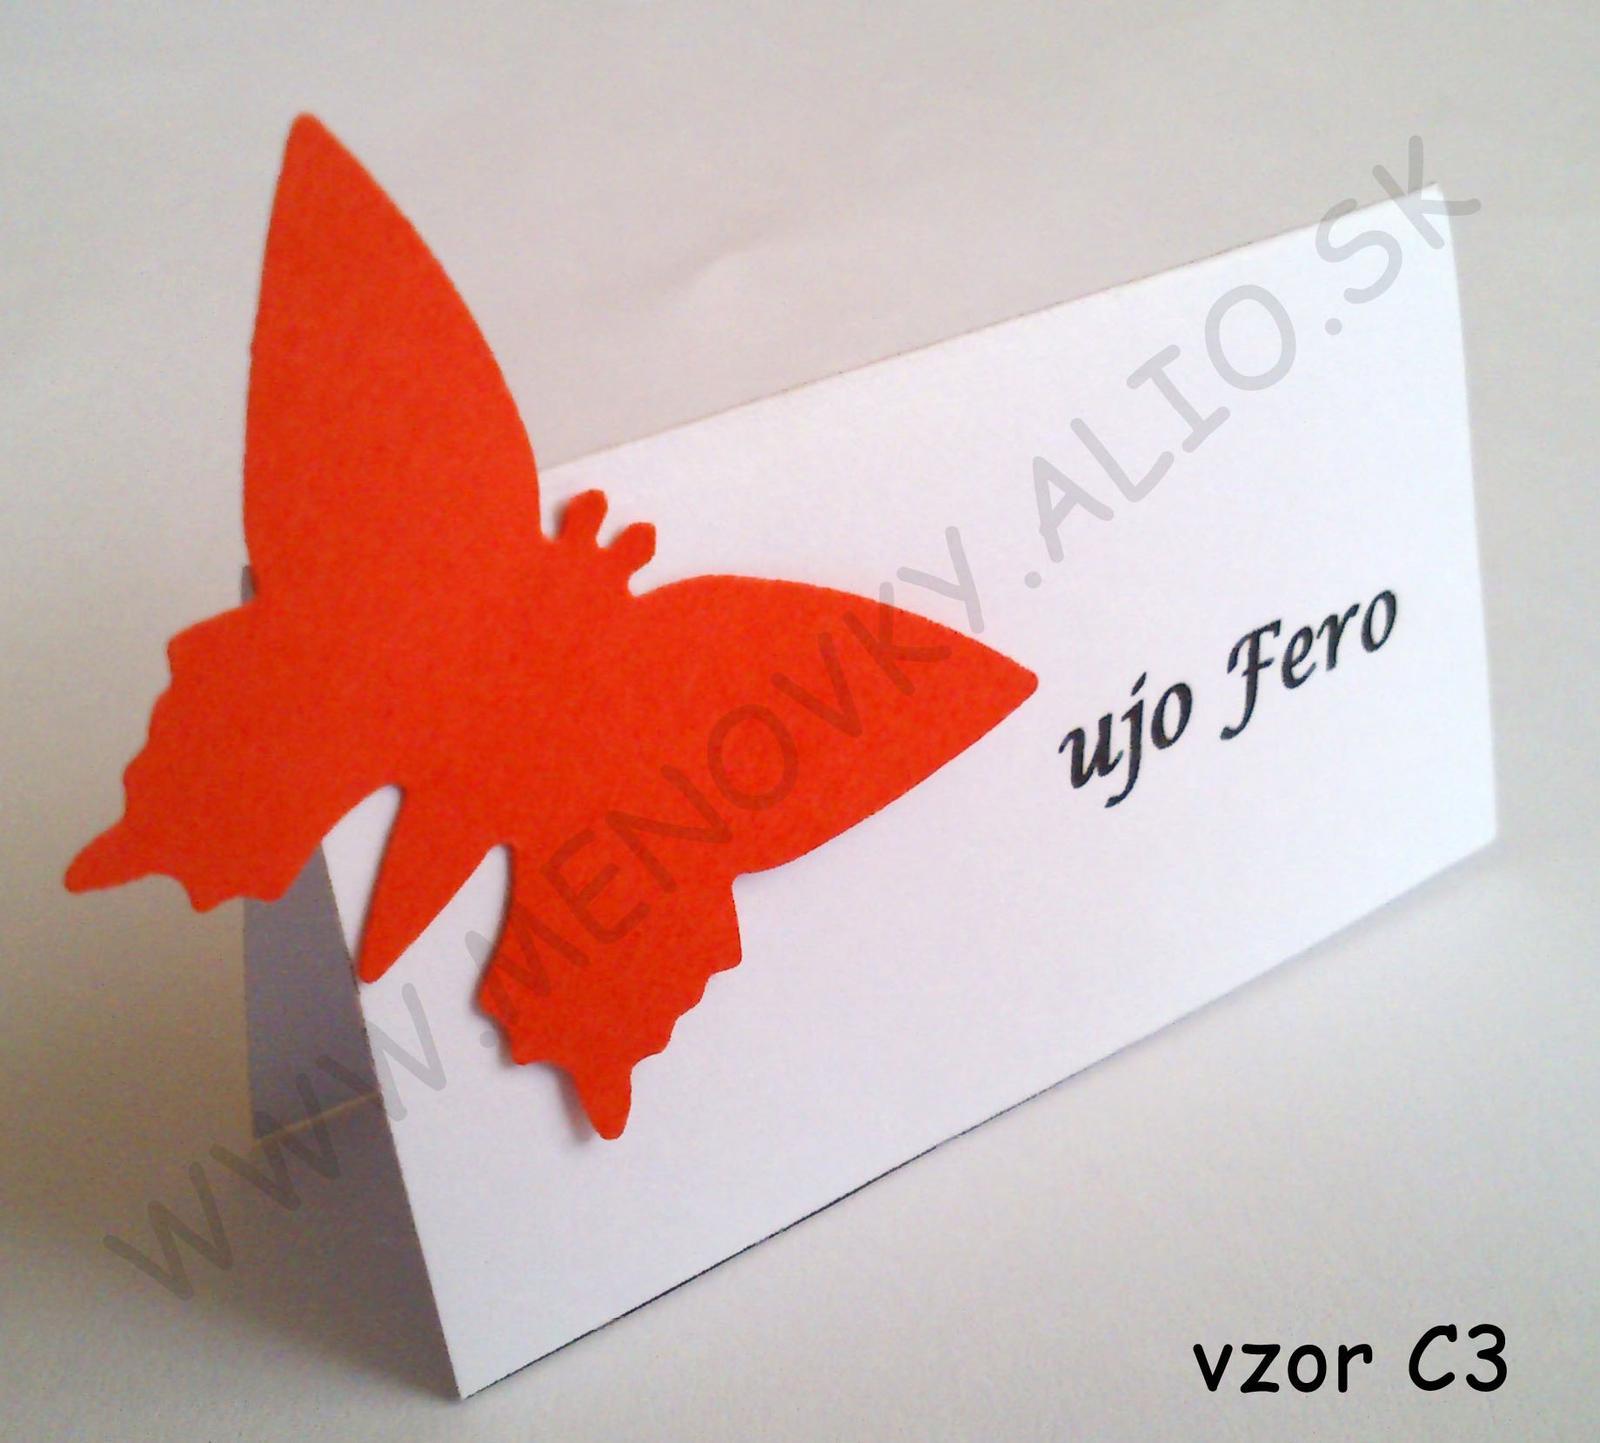 menovky na stol jednofarebne s motylikom - Obrázok č. 2